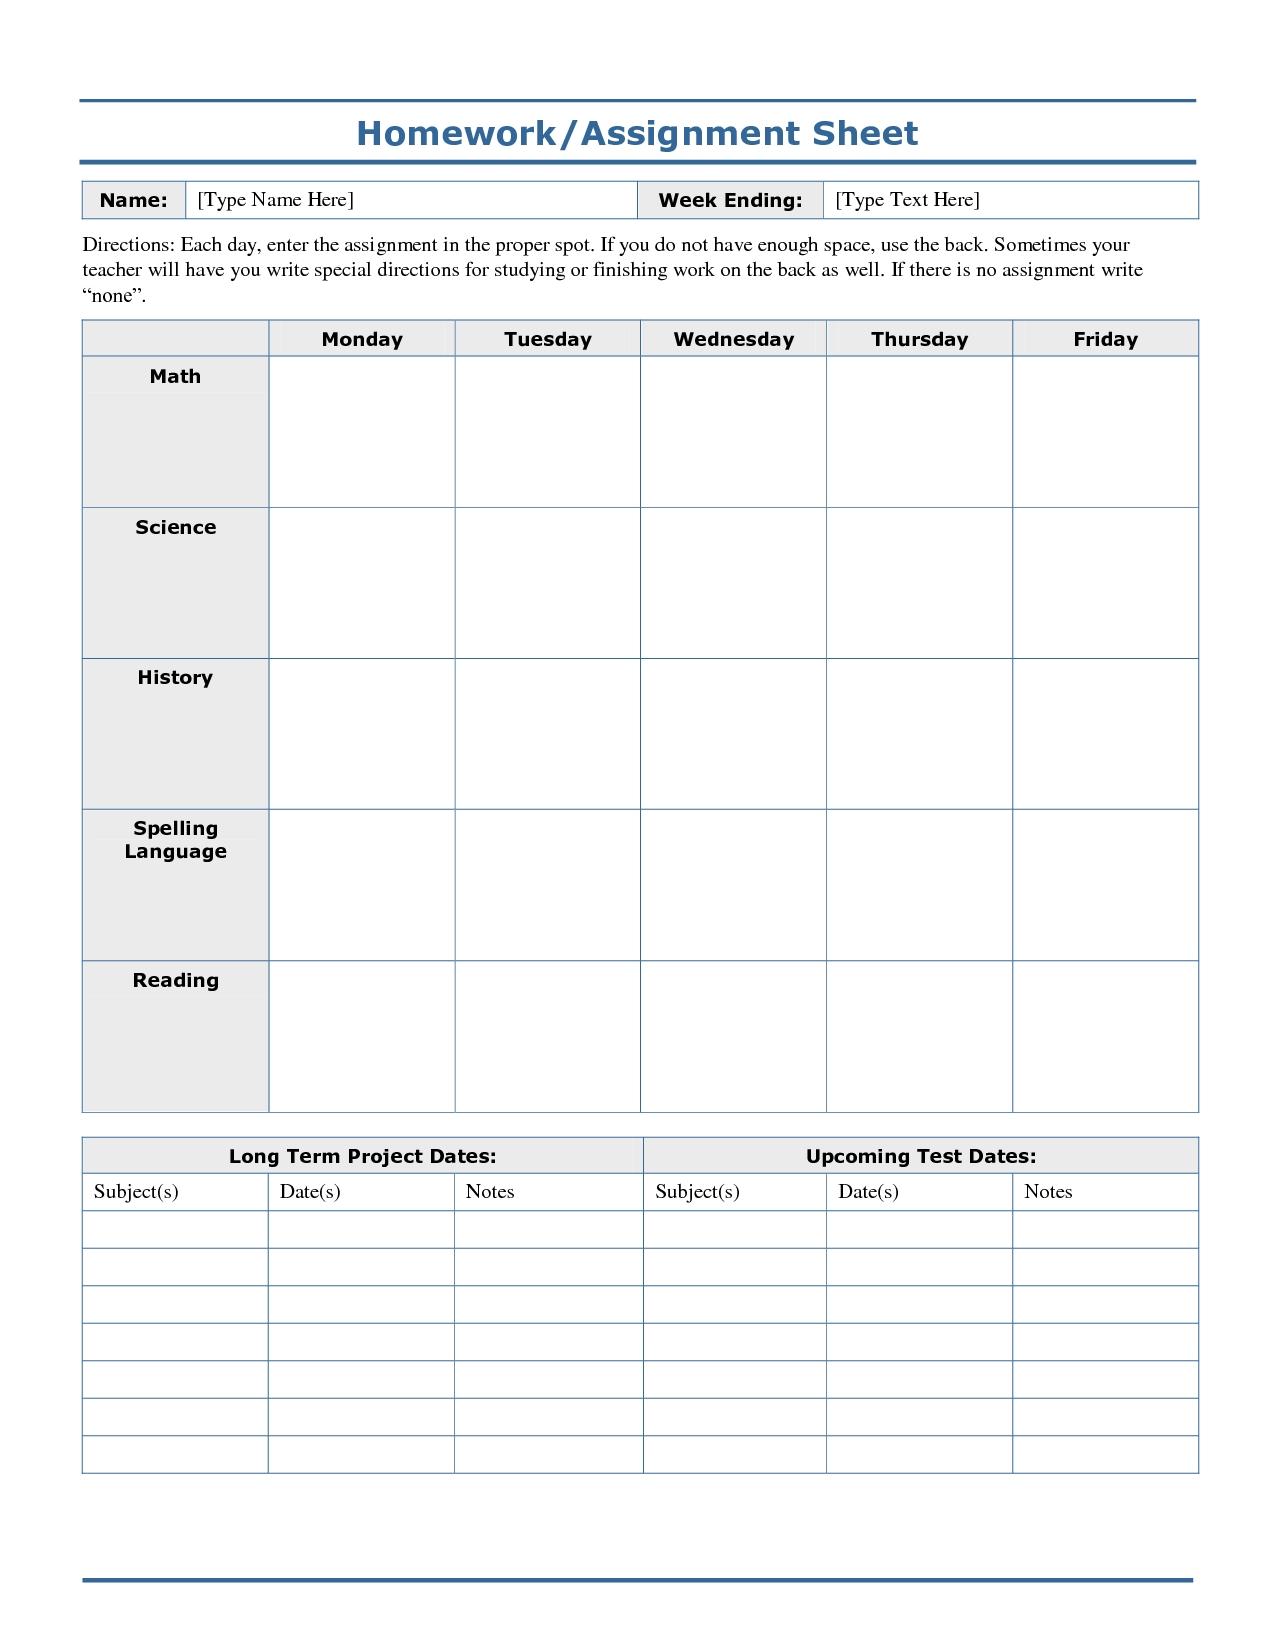 Weekly+Homework+Assignment+Sheet+Template | Homework Sheet  Blank Assignment Sheet